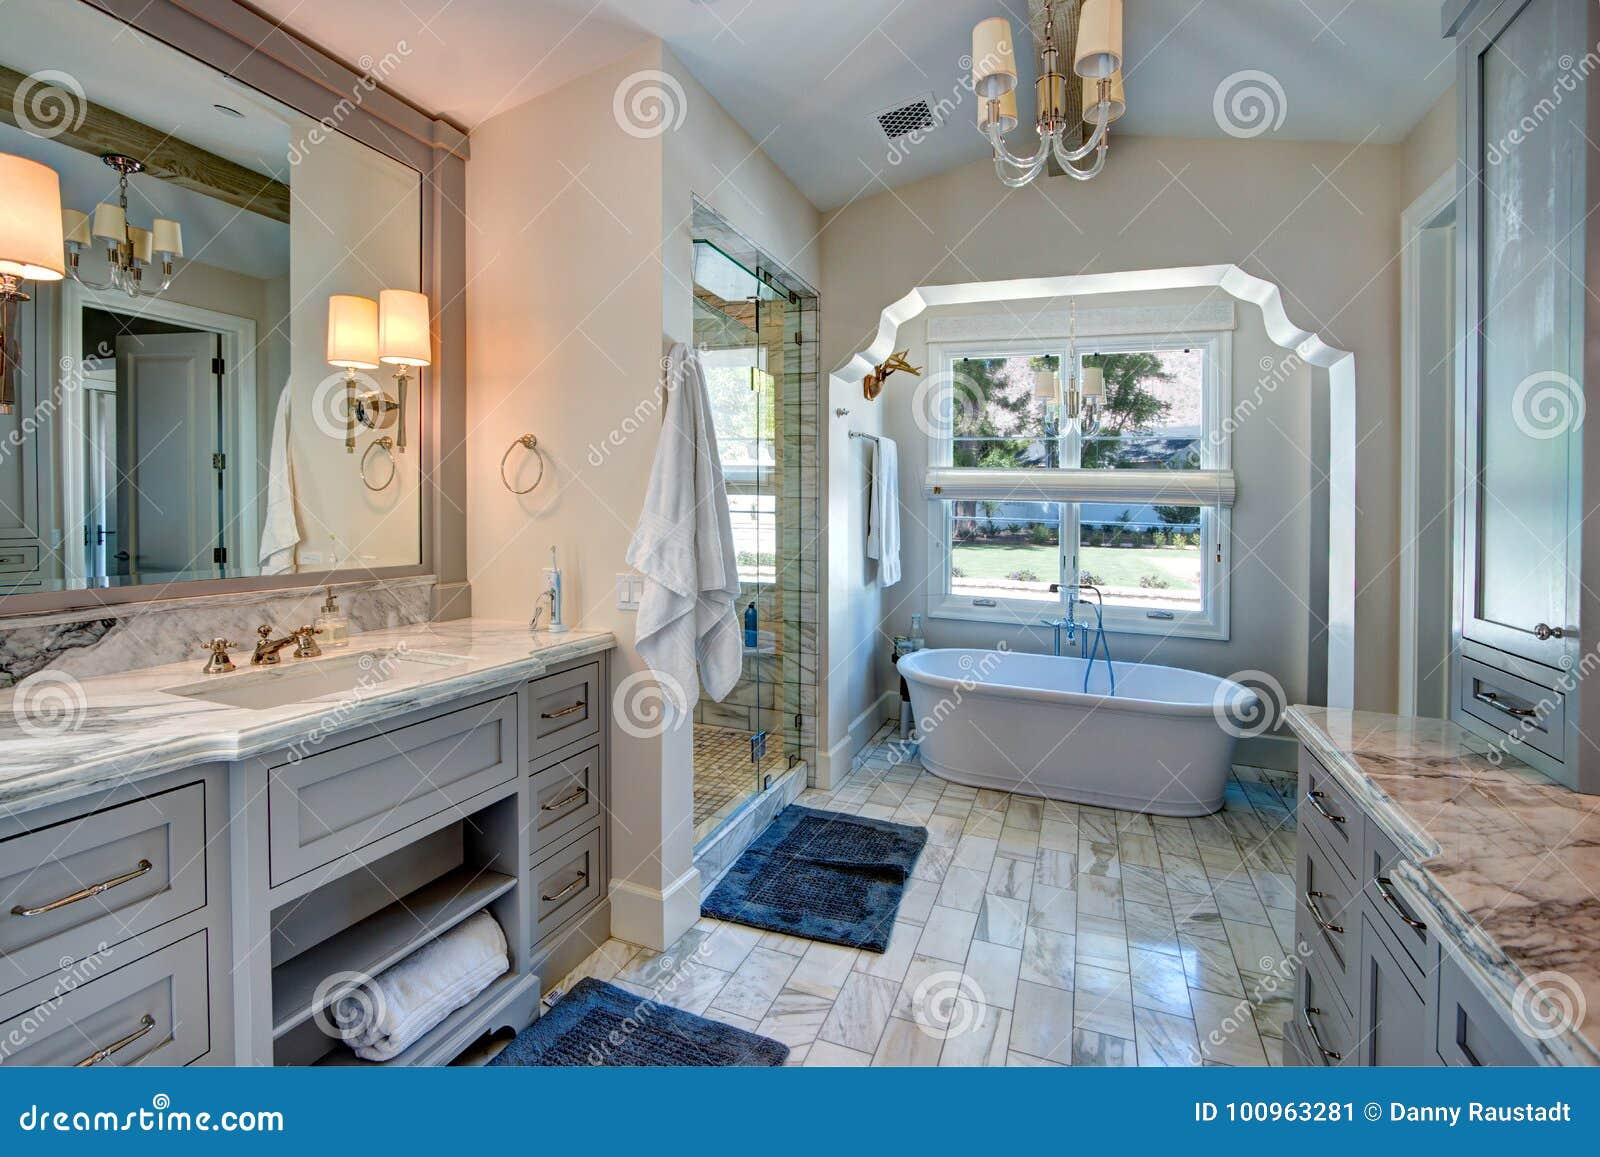 Termas luxuosos do banheiro da mansão do recurso